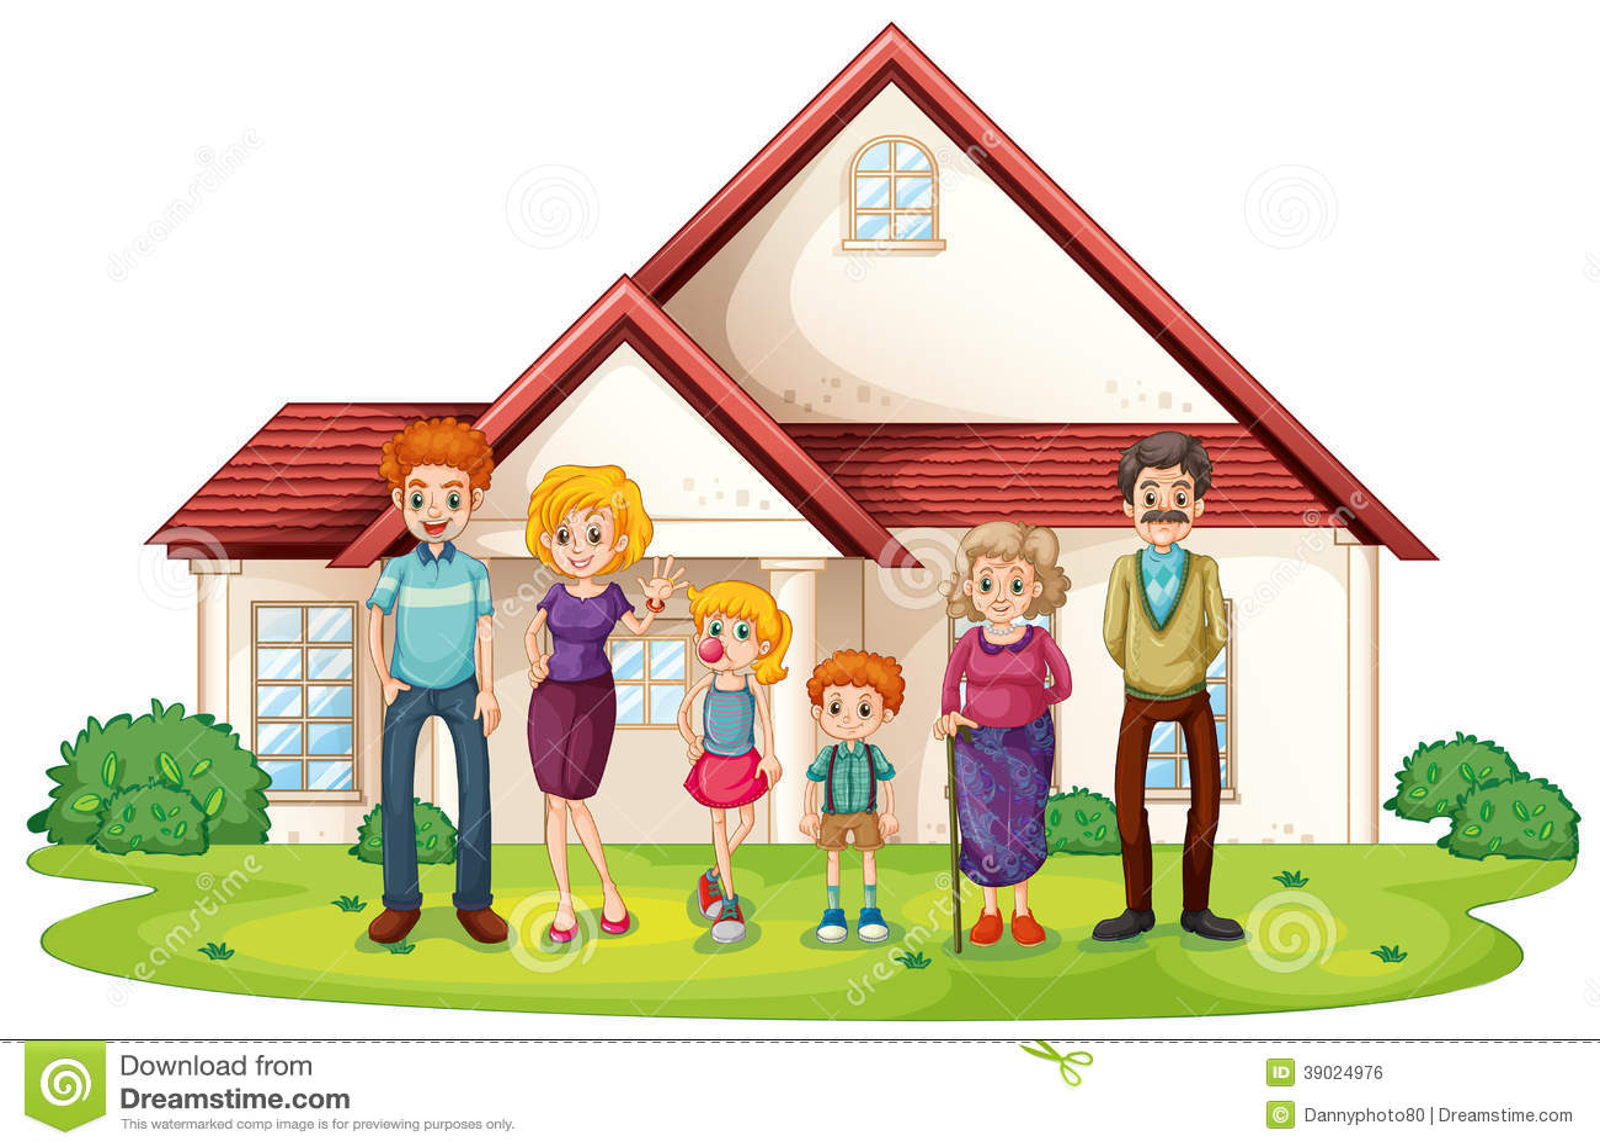 25 3D Pics. Happy Family | Amazing Photos | Family cartoon, Family clipart,  Family images